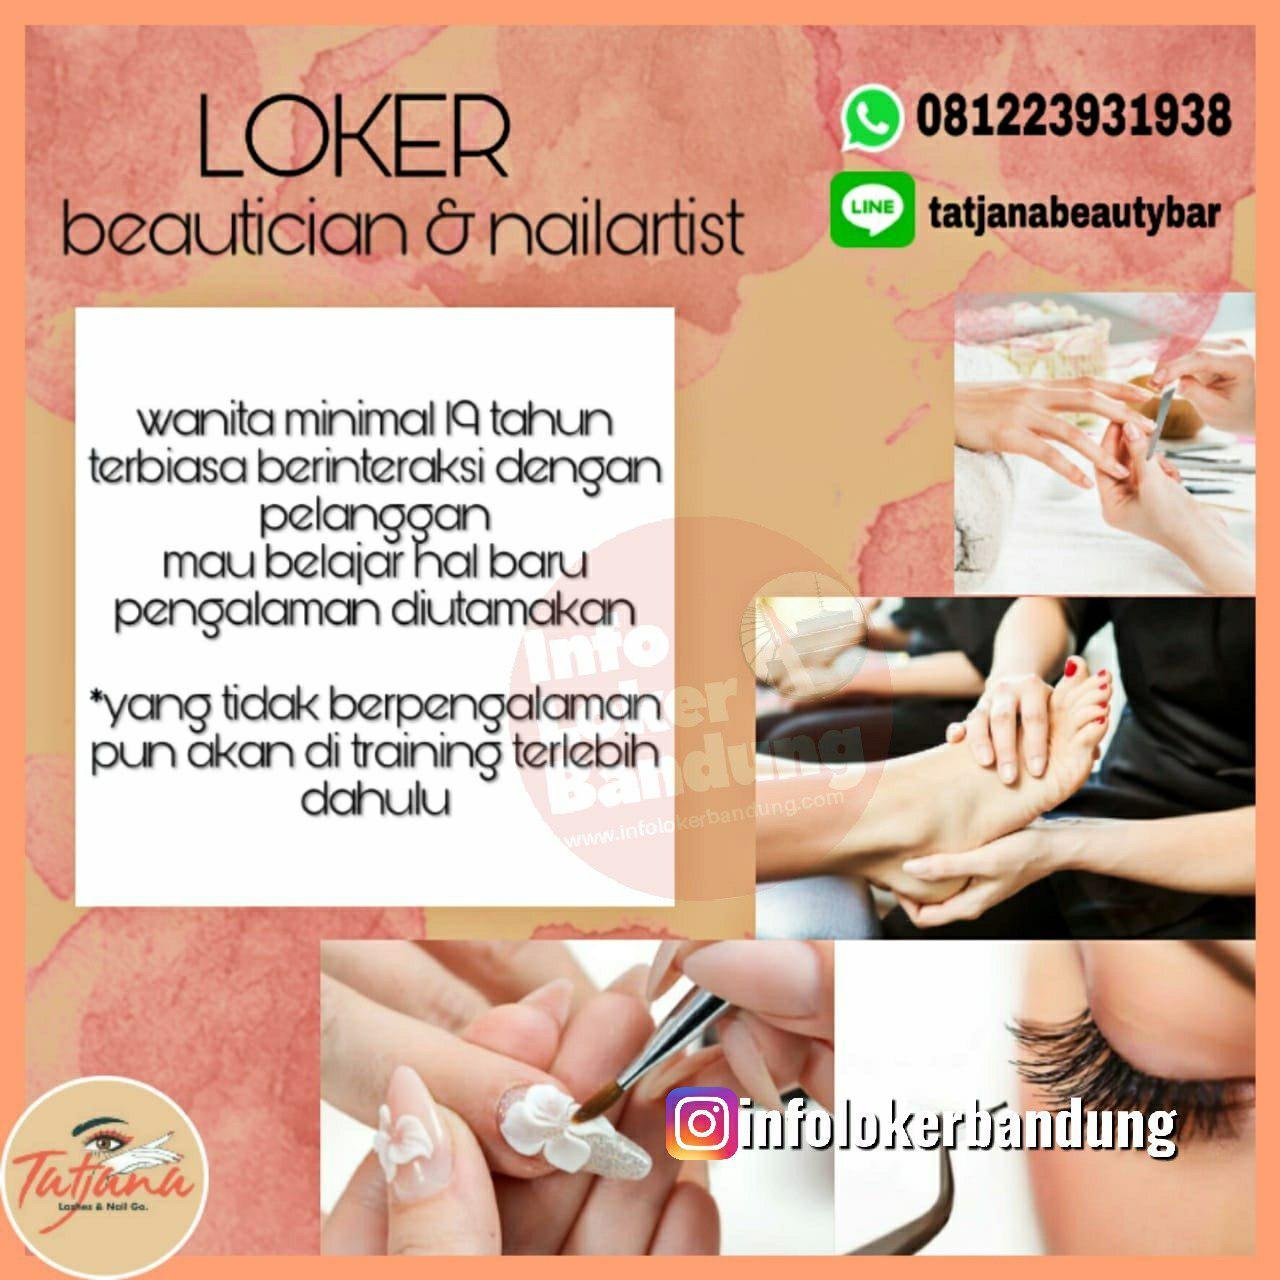 Lowongan Kerja Tatjana Beauty Bar Bandung November 2019